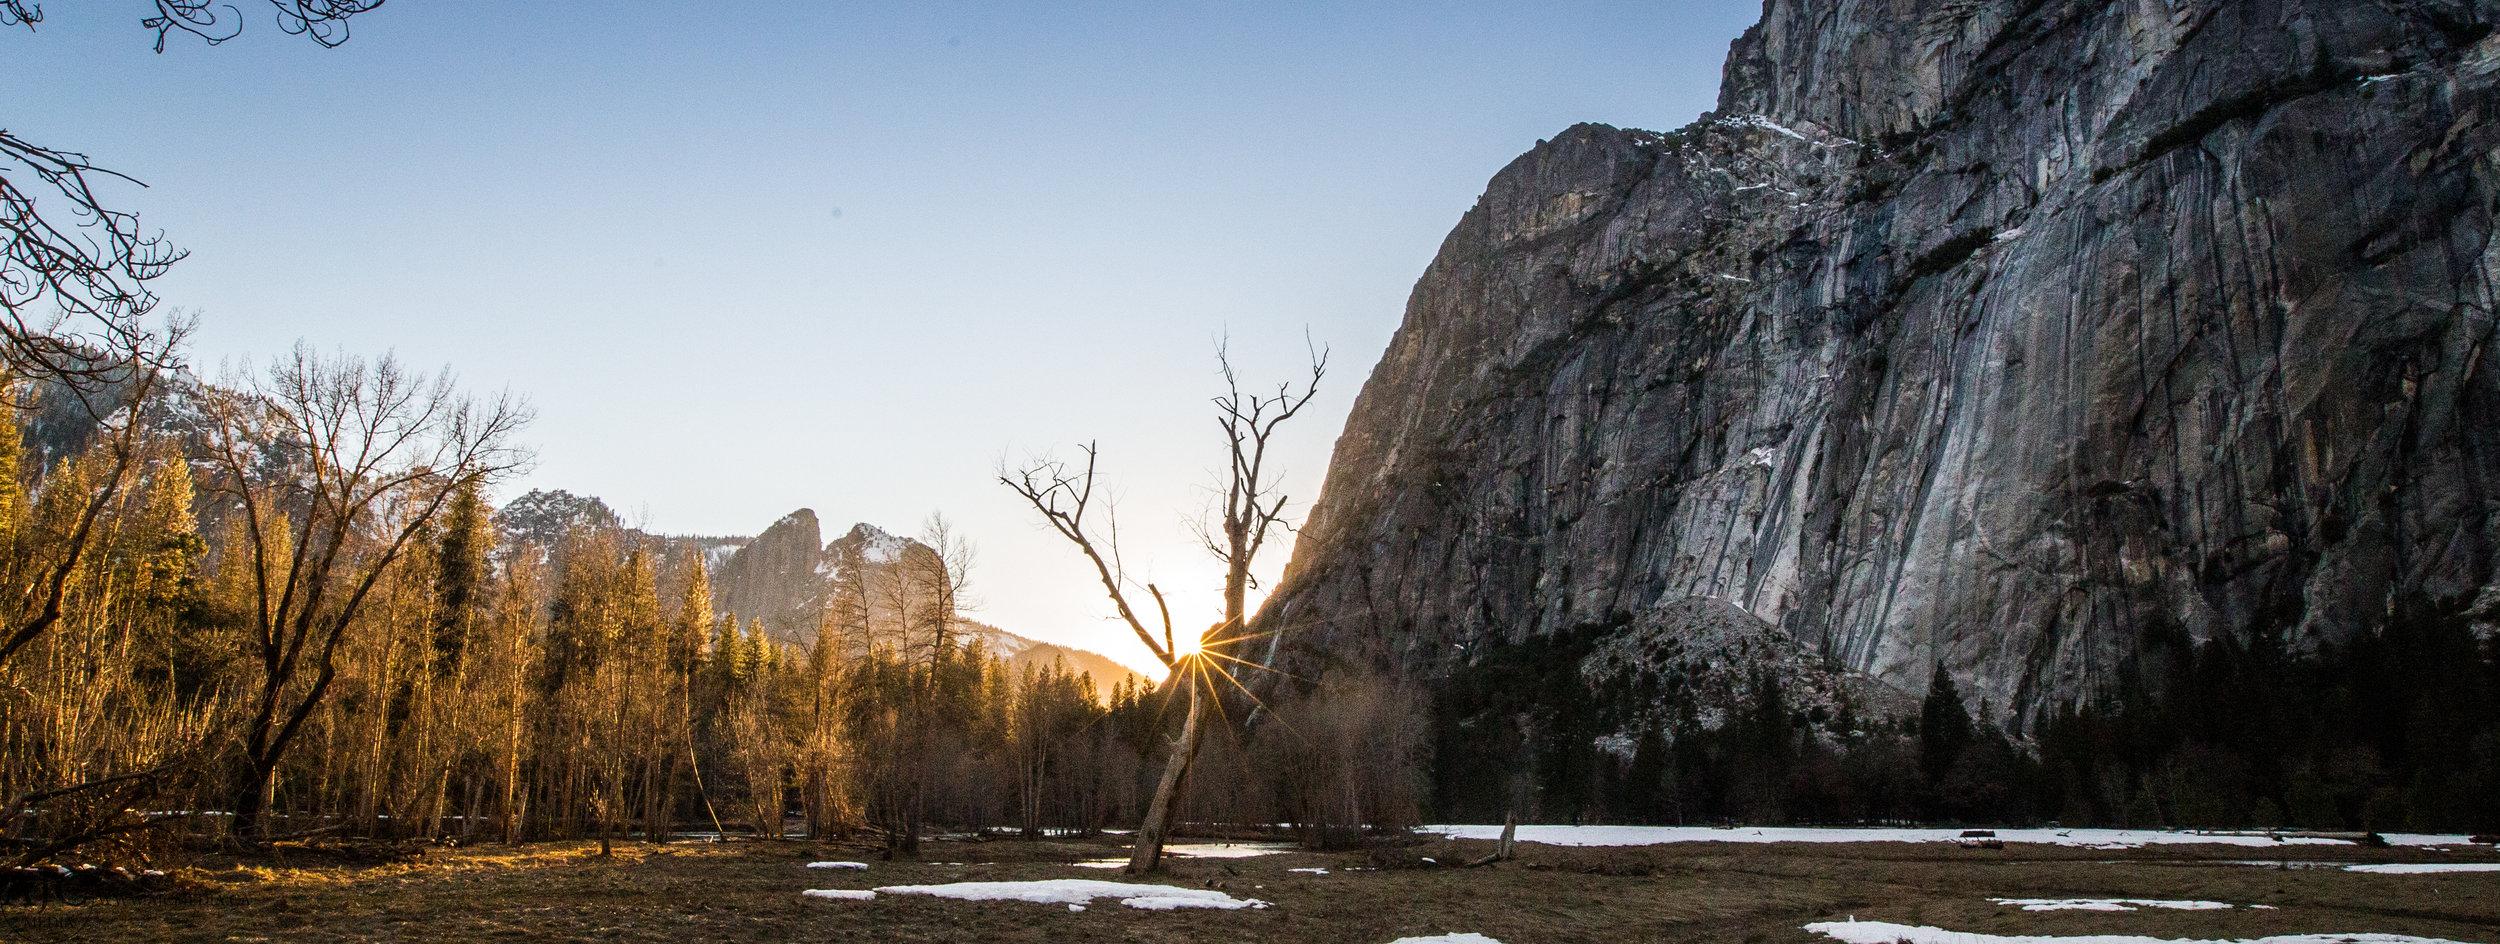 El Capitan, Yosemite Valley, CA